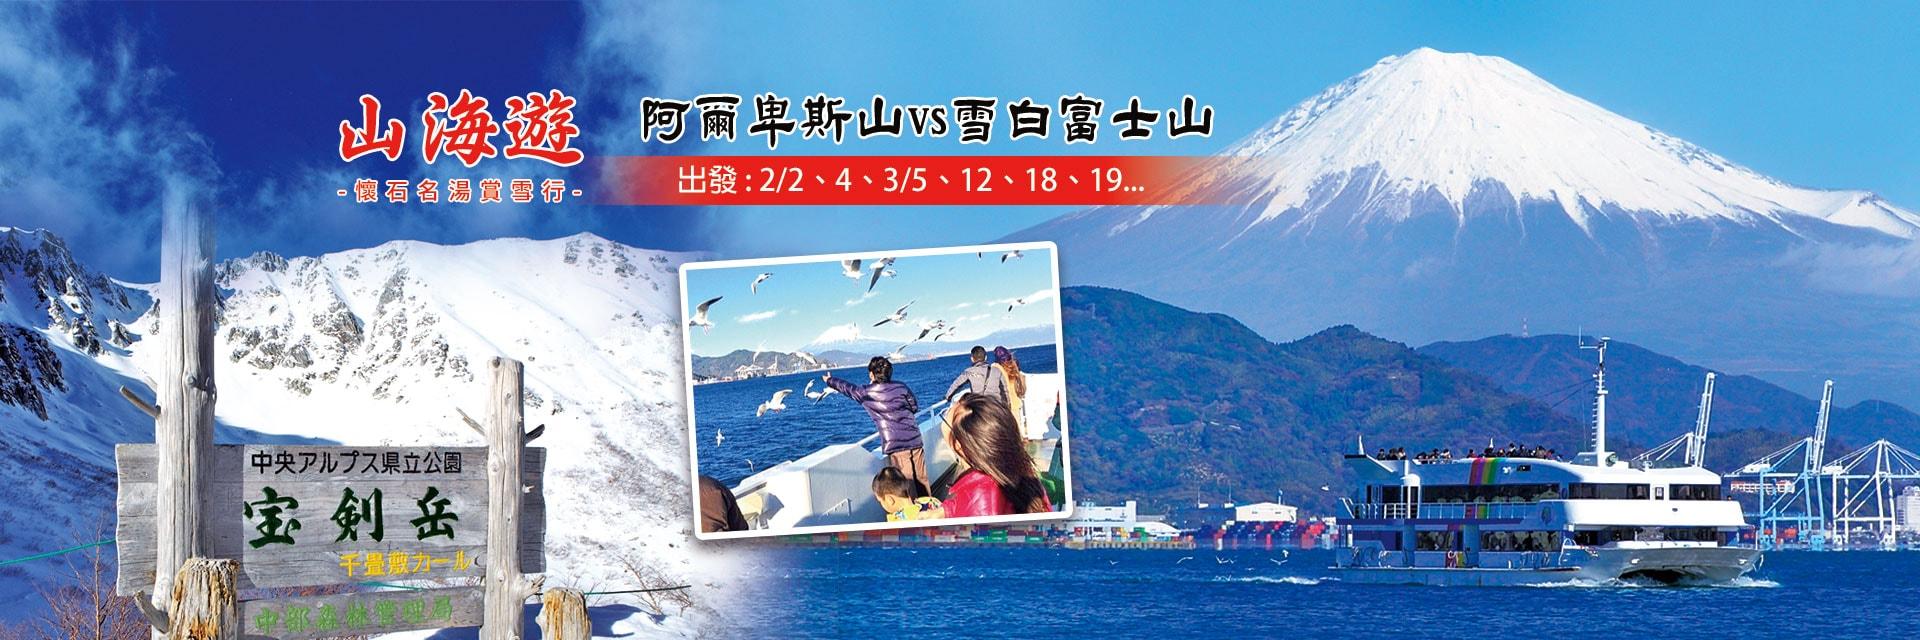 上順、山海遊、富士山、阿爾卑斯山